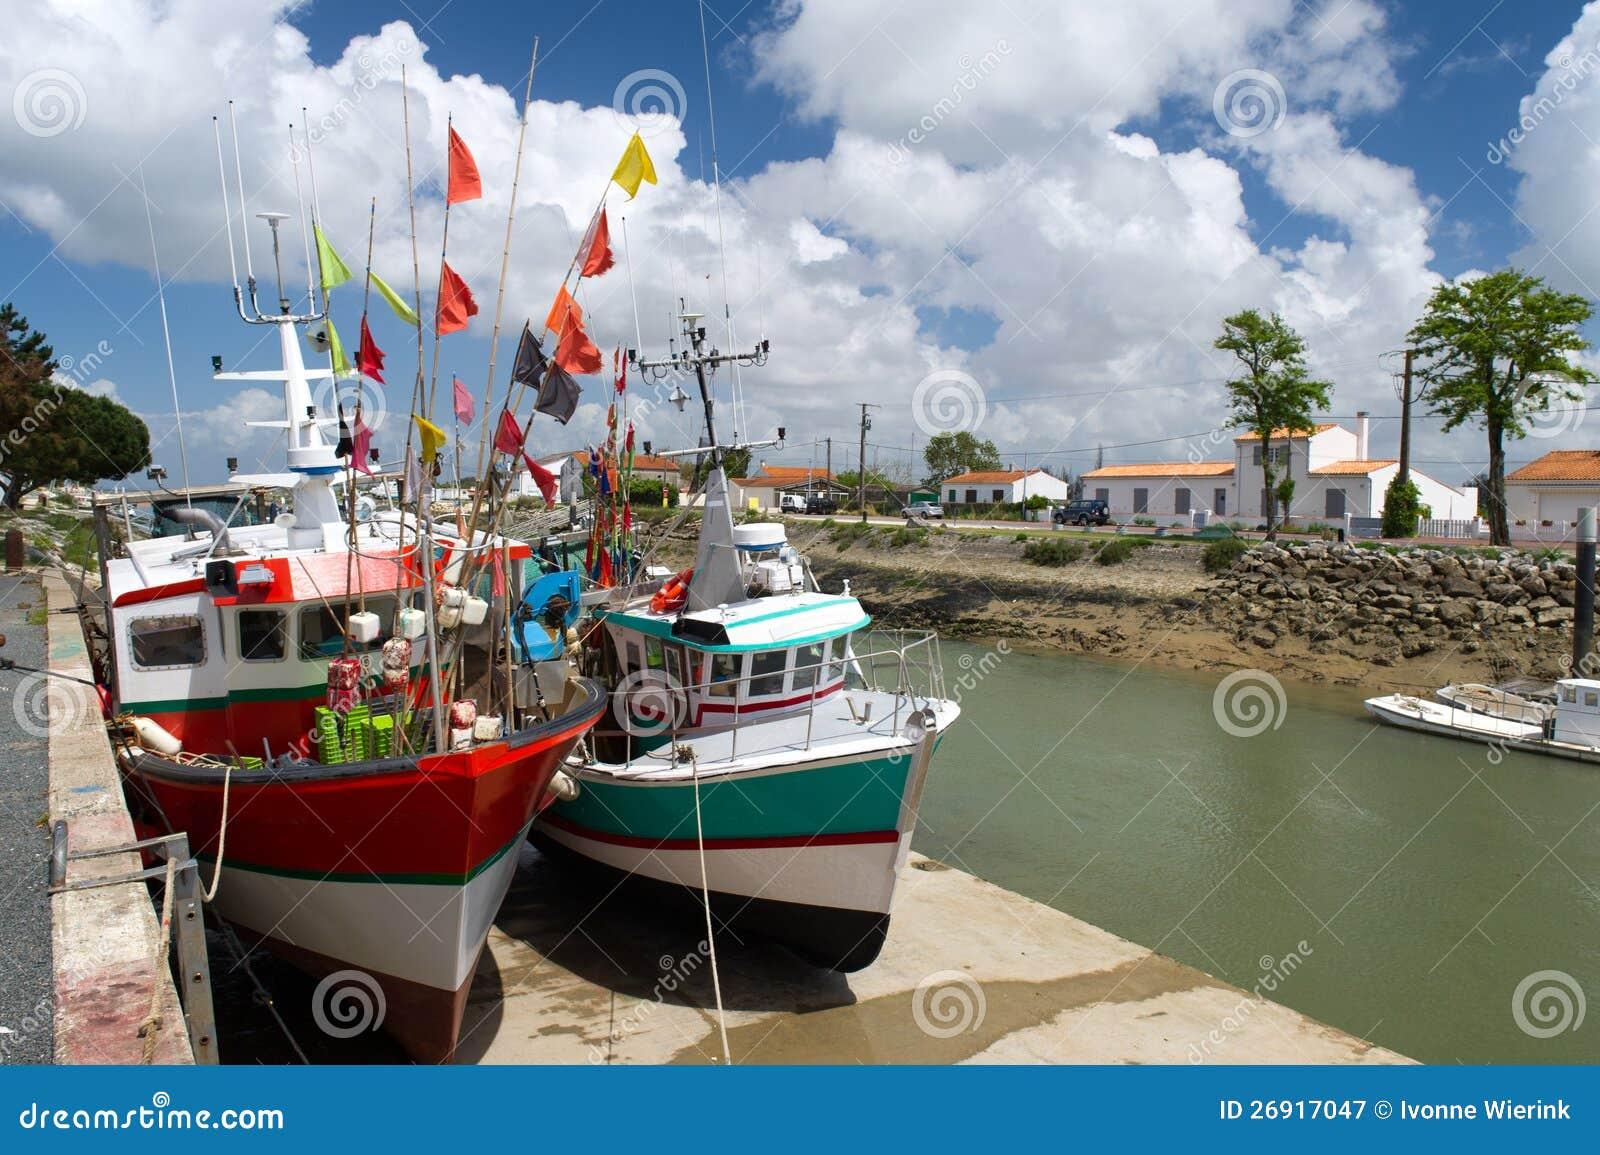 Fishing boats Boyardville France